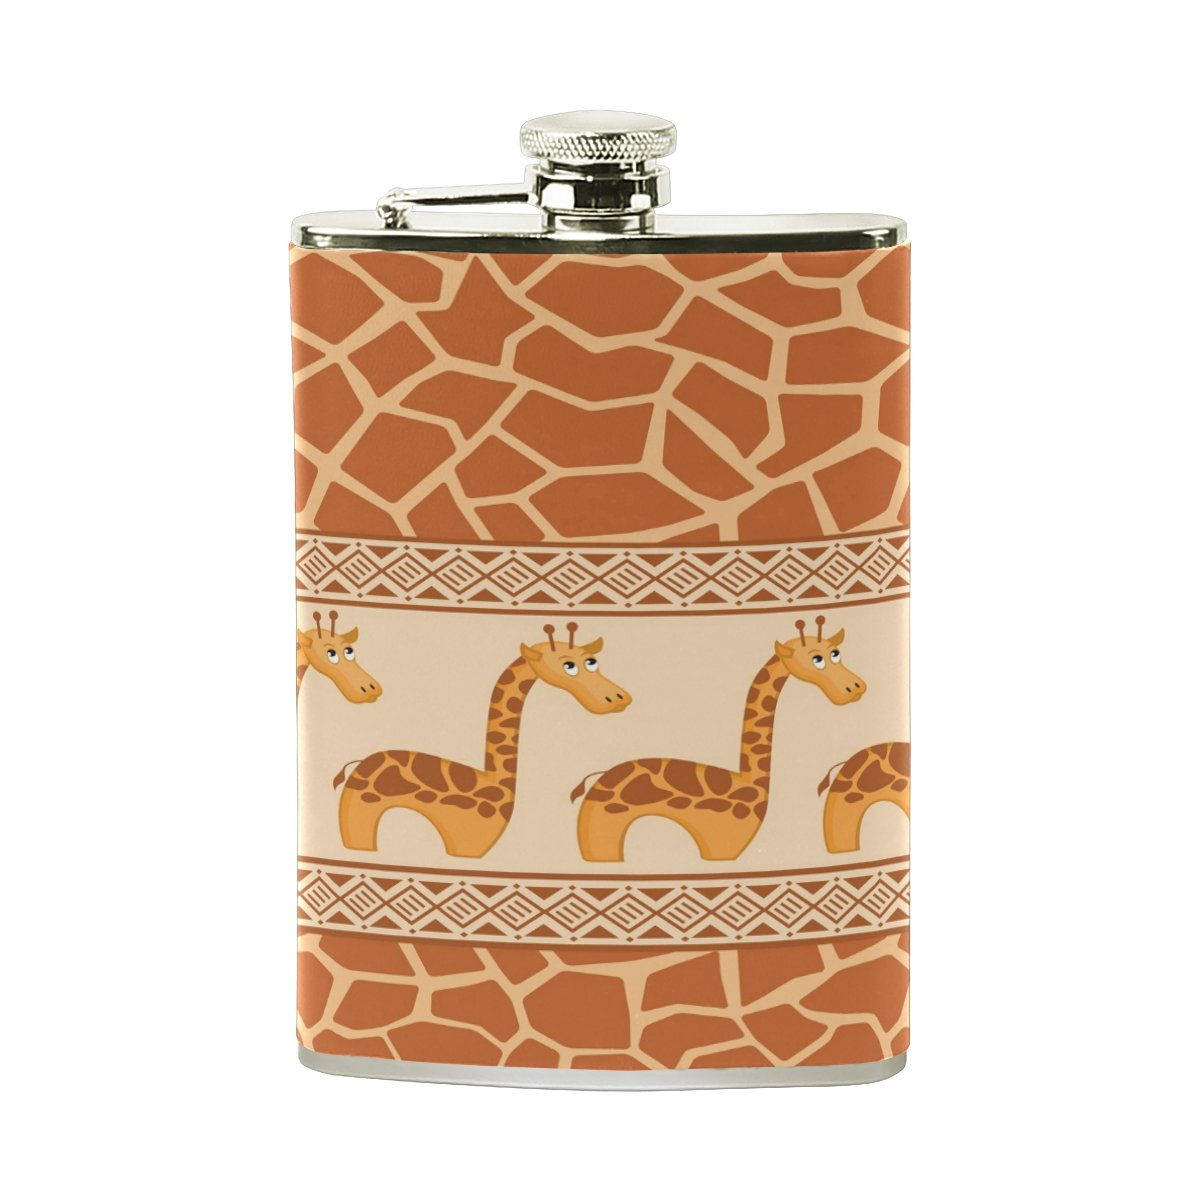 【国際ブランド】 Alaza Giraffe Vidkaラム 8オンスステンレススチールヒップフラスコPUレザーWrappedカバーHeavy DutyポケットショットのフラスコLiquor Alaza Giraffe Whiskey Vidkaラム B075YWKV15, LOOKIT オフィス家具 インテリア:7836fd14 --- a0267596.xsph.ru